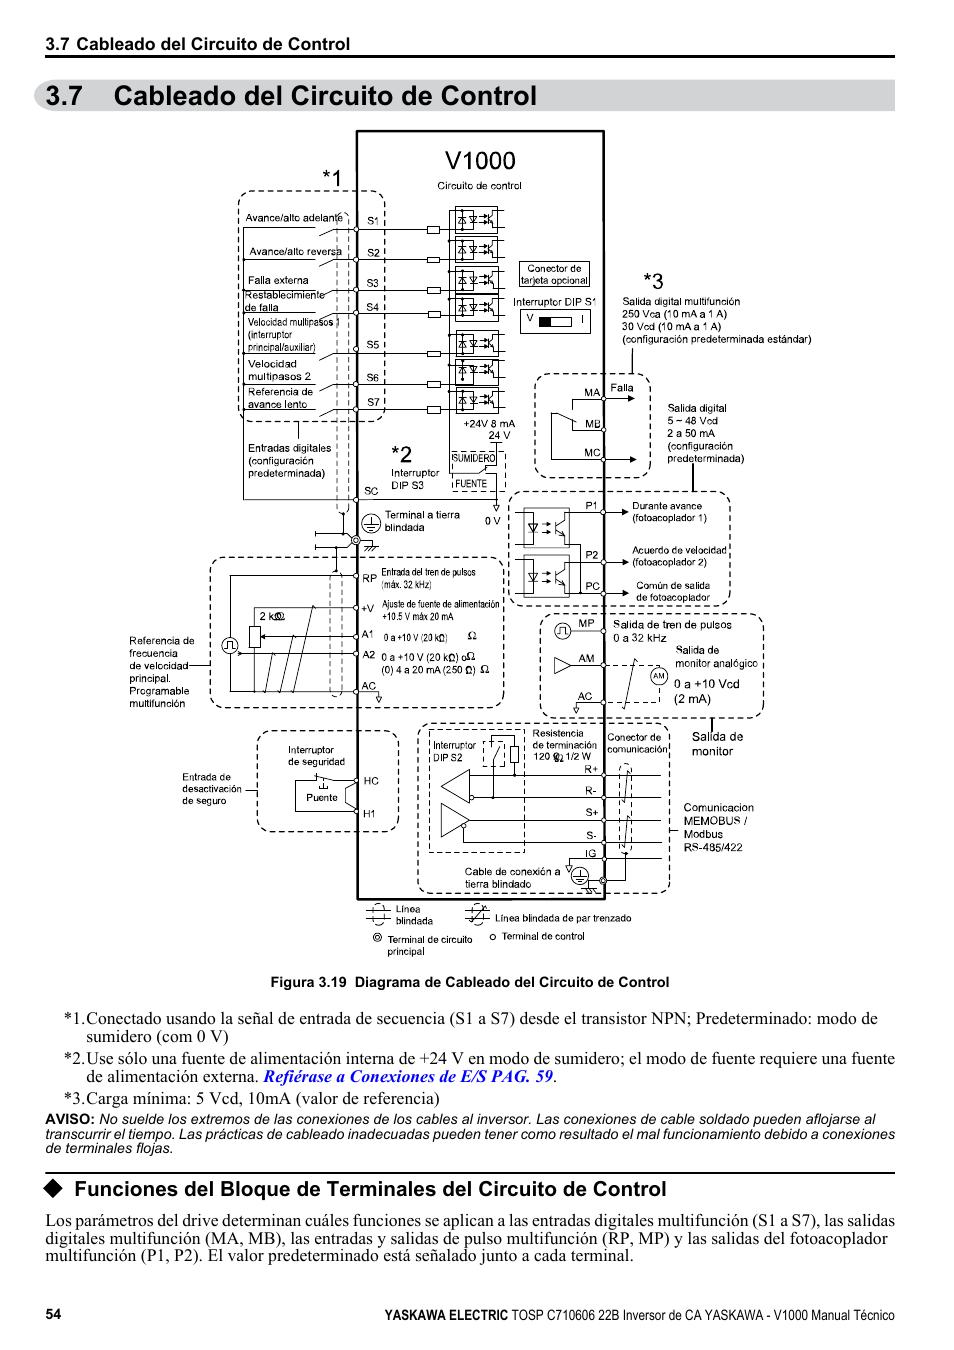 Cableado del circuito de control, 7 cableado del circuito de control, Tablero de terminal